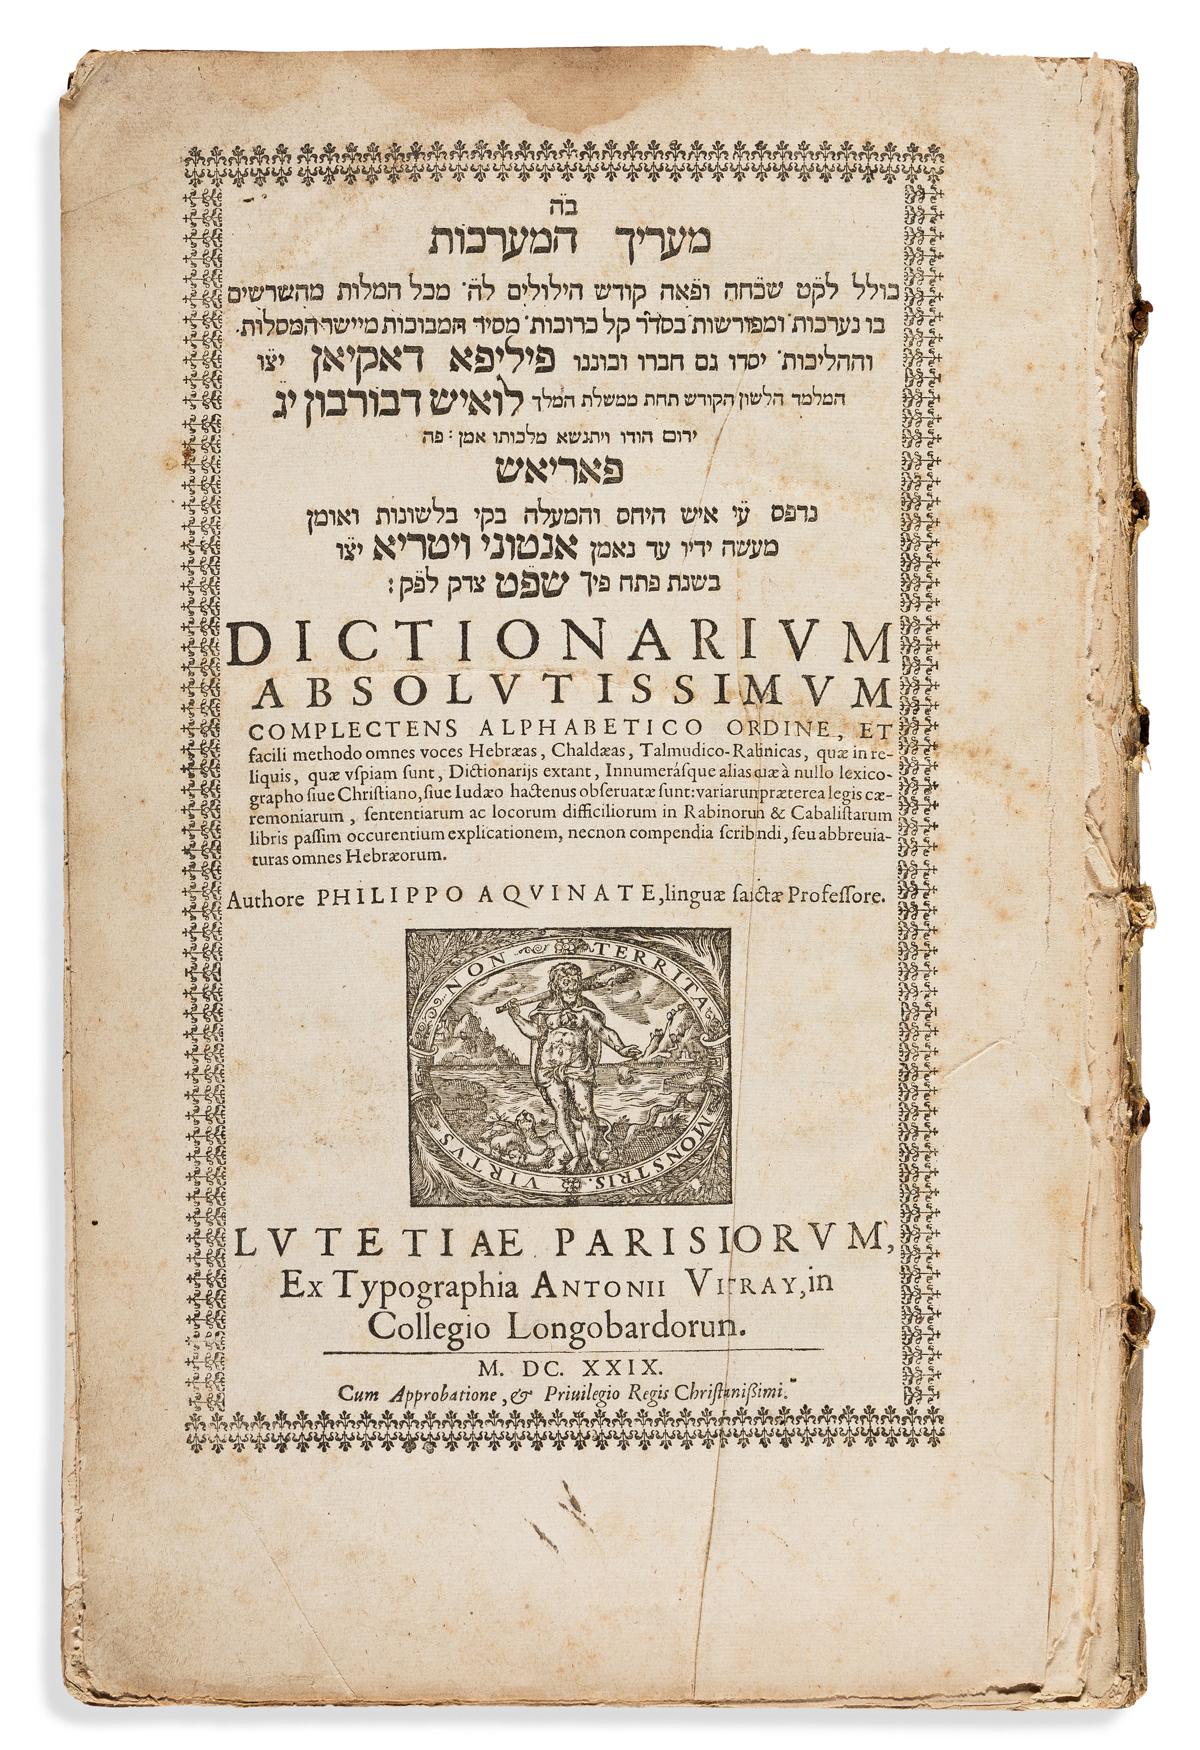 DAquin, Philippe (1578-1650) Dictionarium Absolutissimum Complectens Alphabetico.